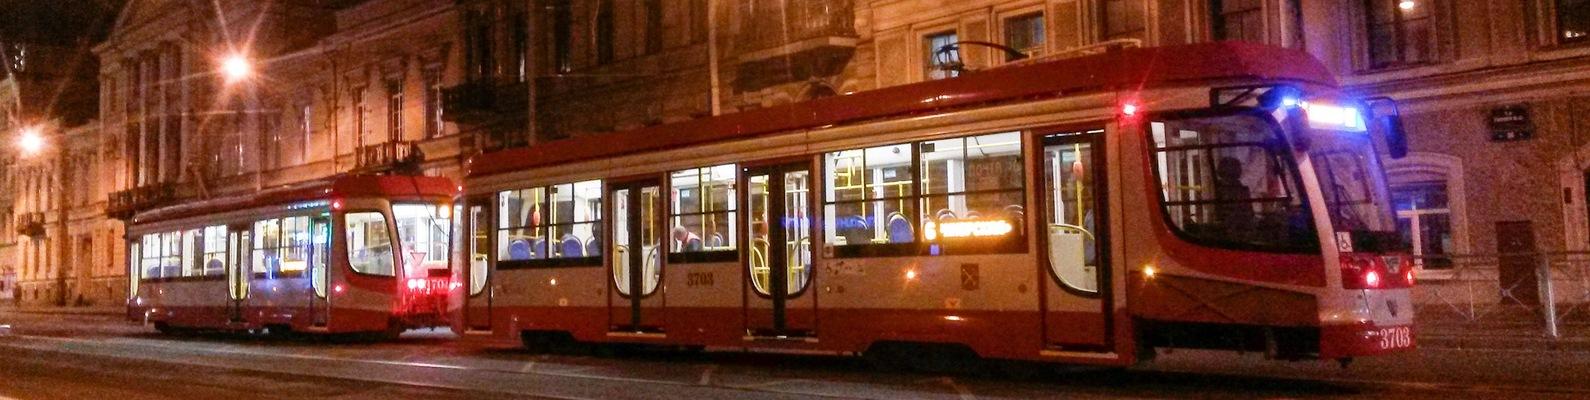 повседневной расписание 6 трамвая спб прослушивания удобства управления